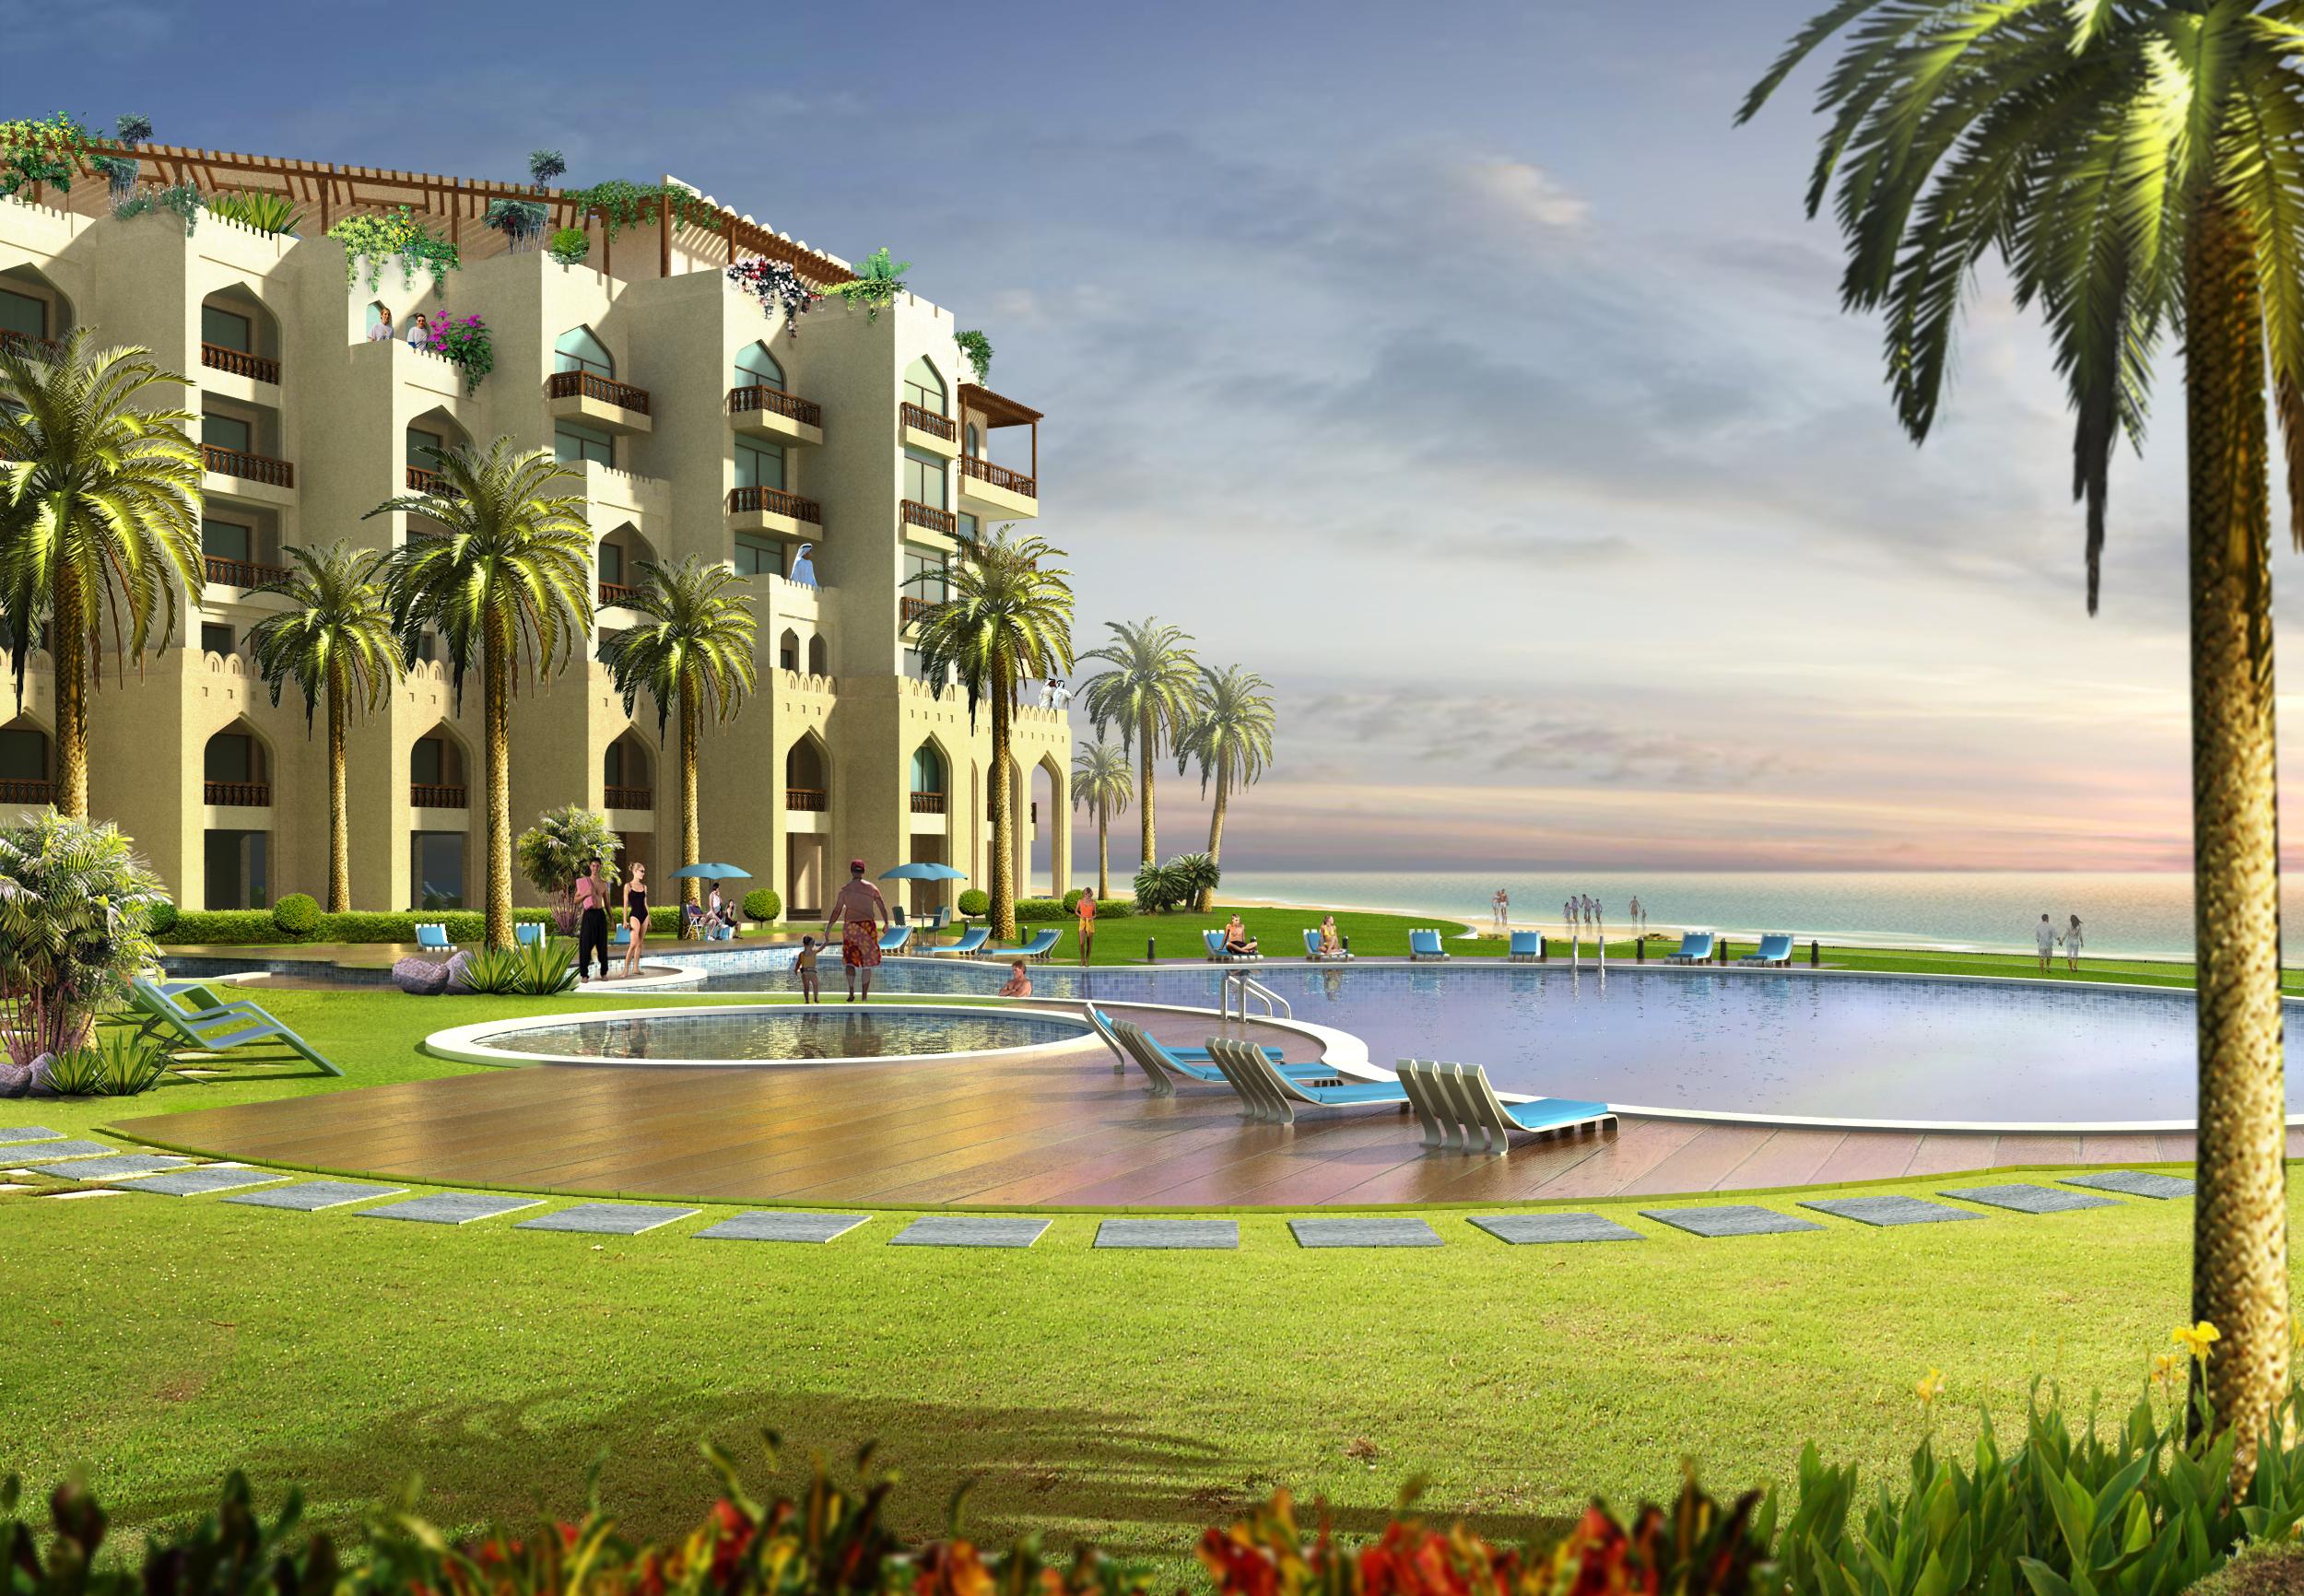 5star Hotel in Sohar-Oman